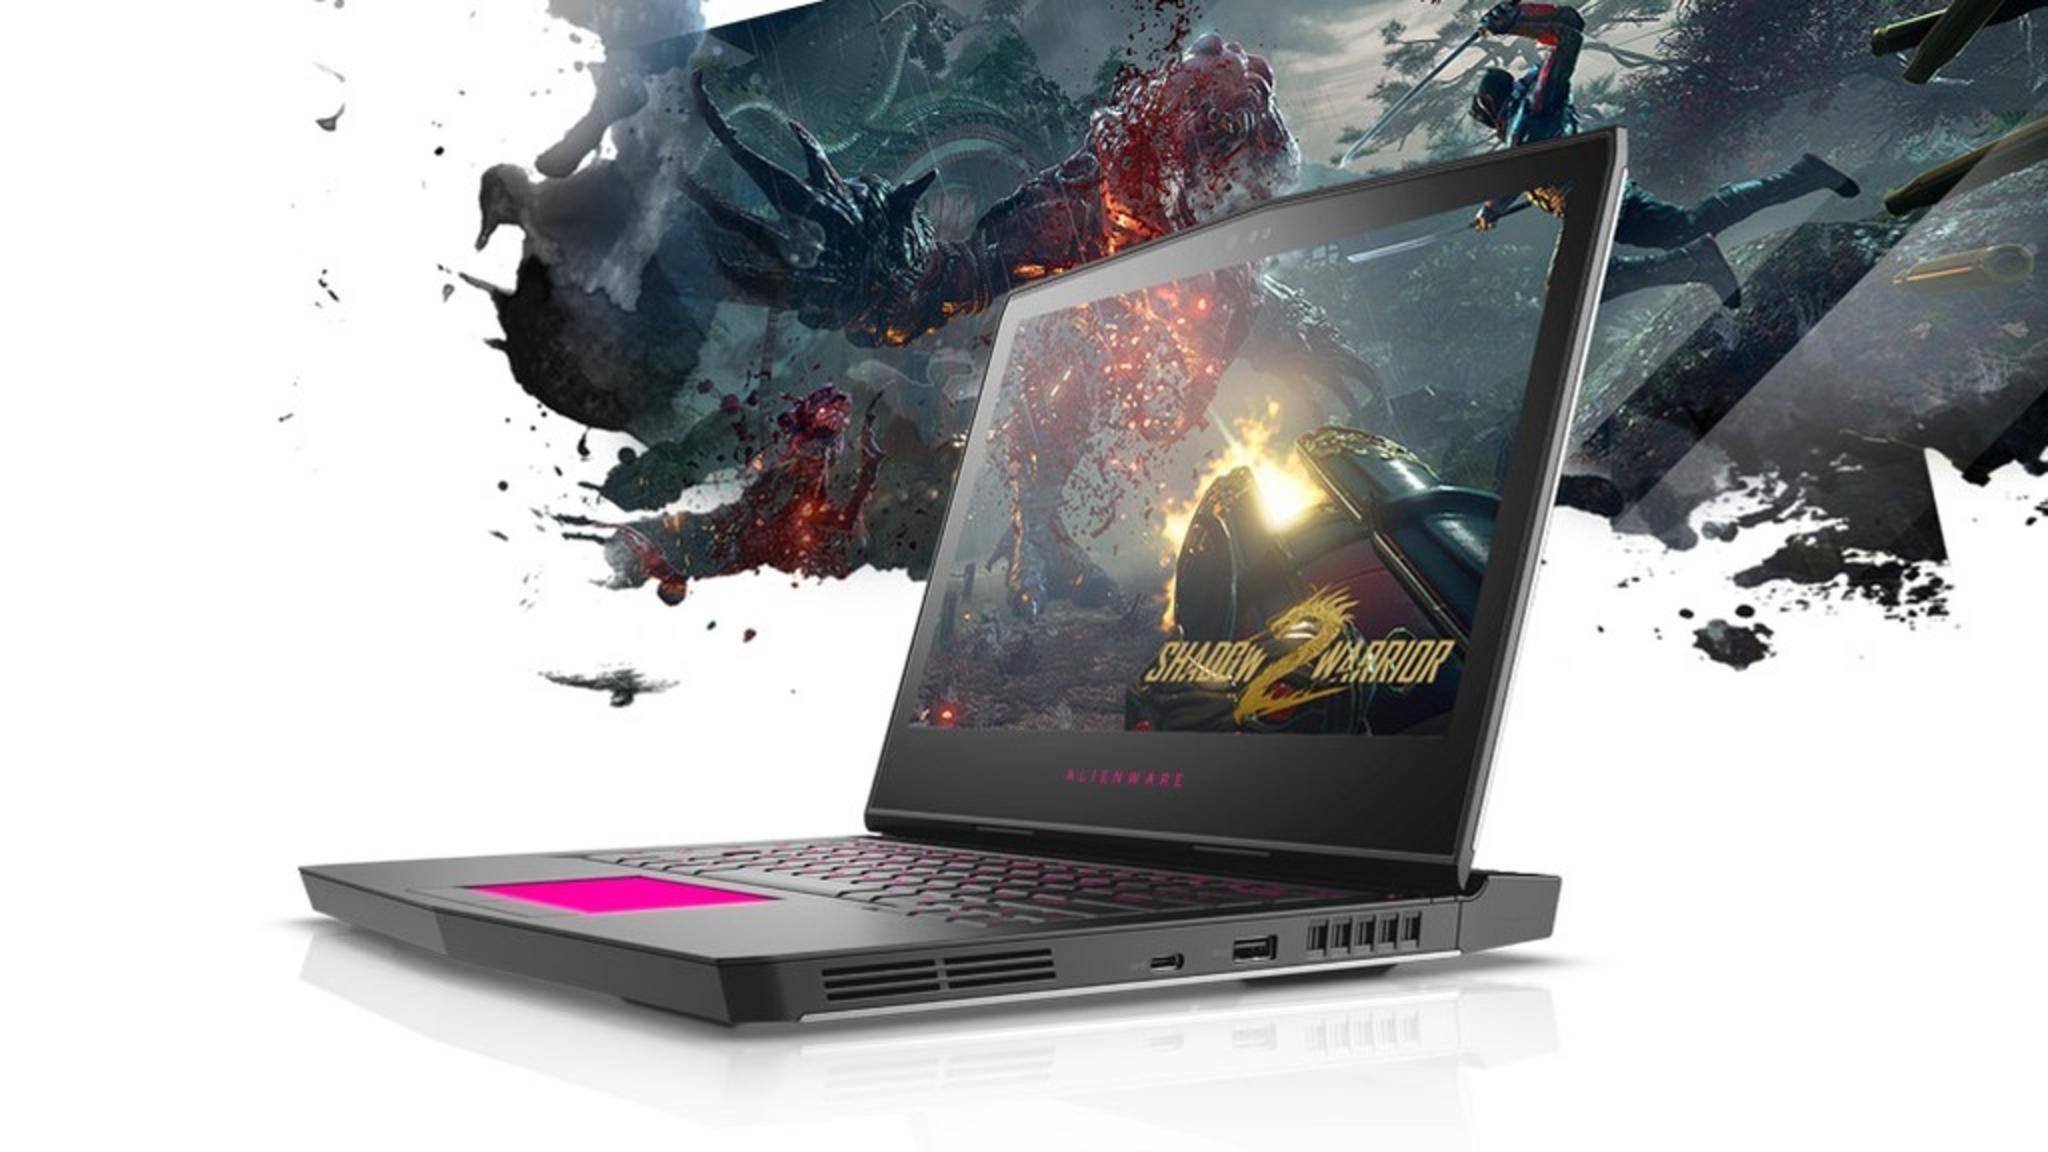 Kleinere Gaming-Laptops wie das Alienware 13 bieten nicht die schnellste Grafikkarte.